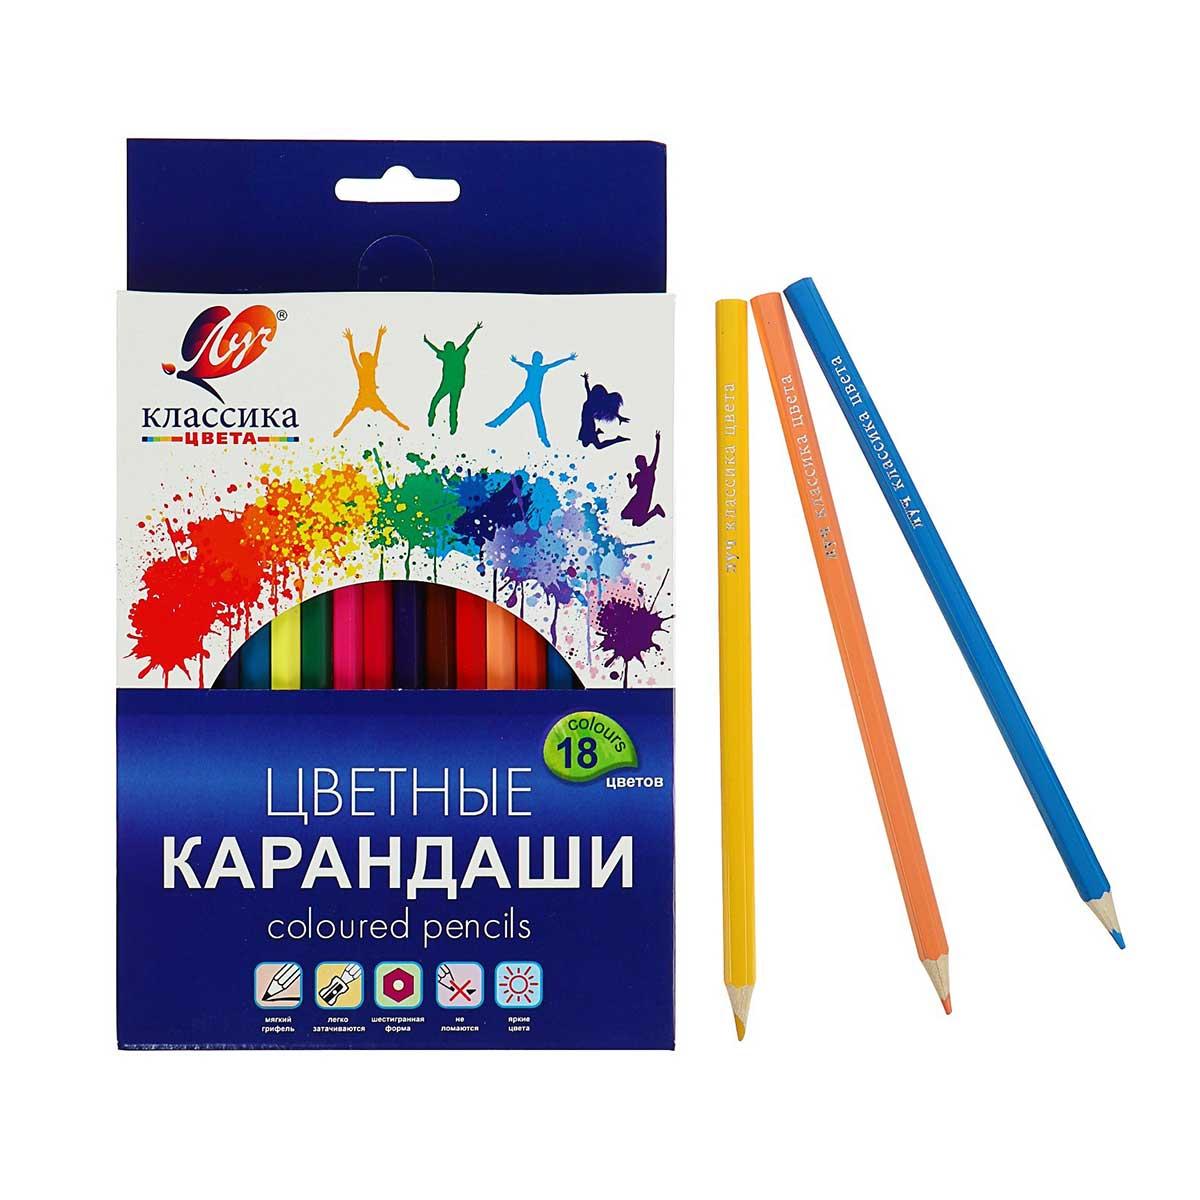 29С 1711-08 Карандаши цветные шестигранные 'Классика' 18 цветов (деревянные)